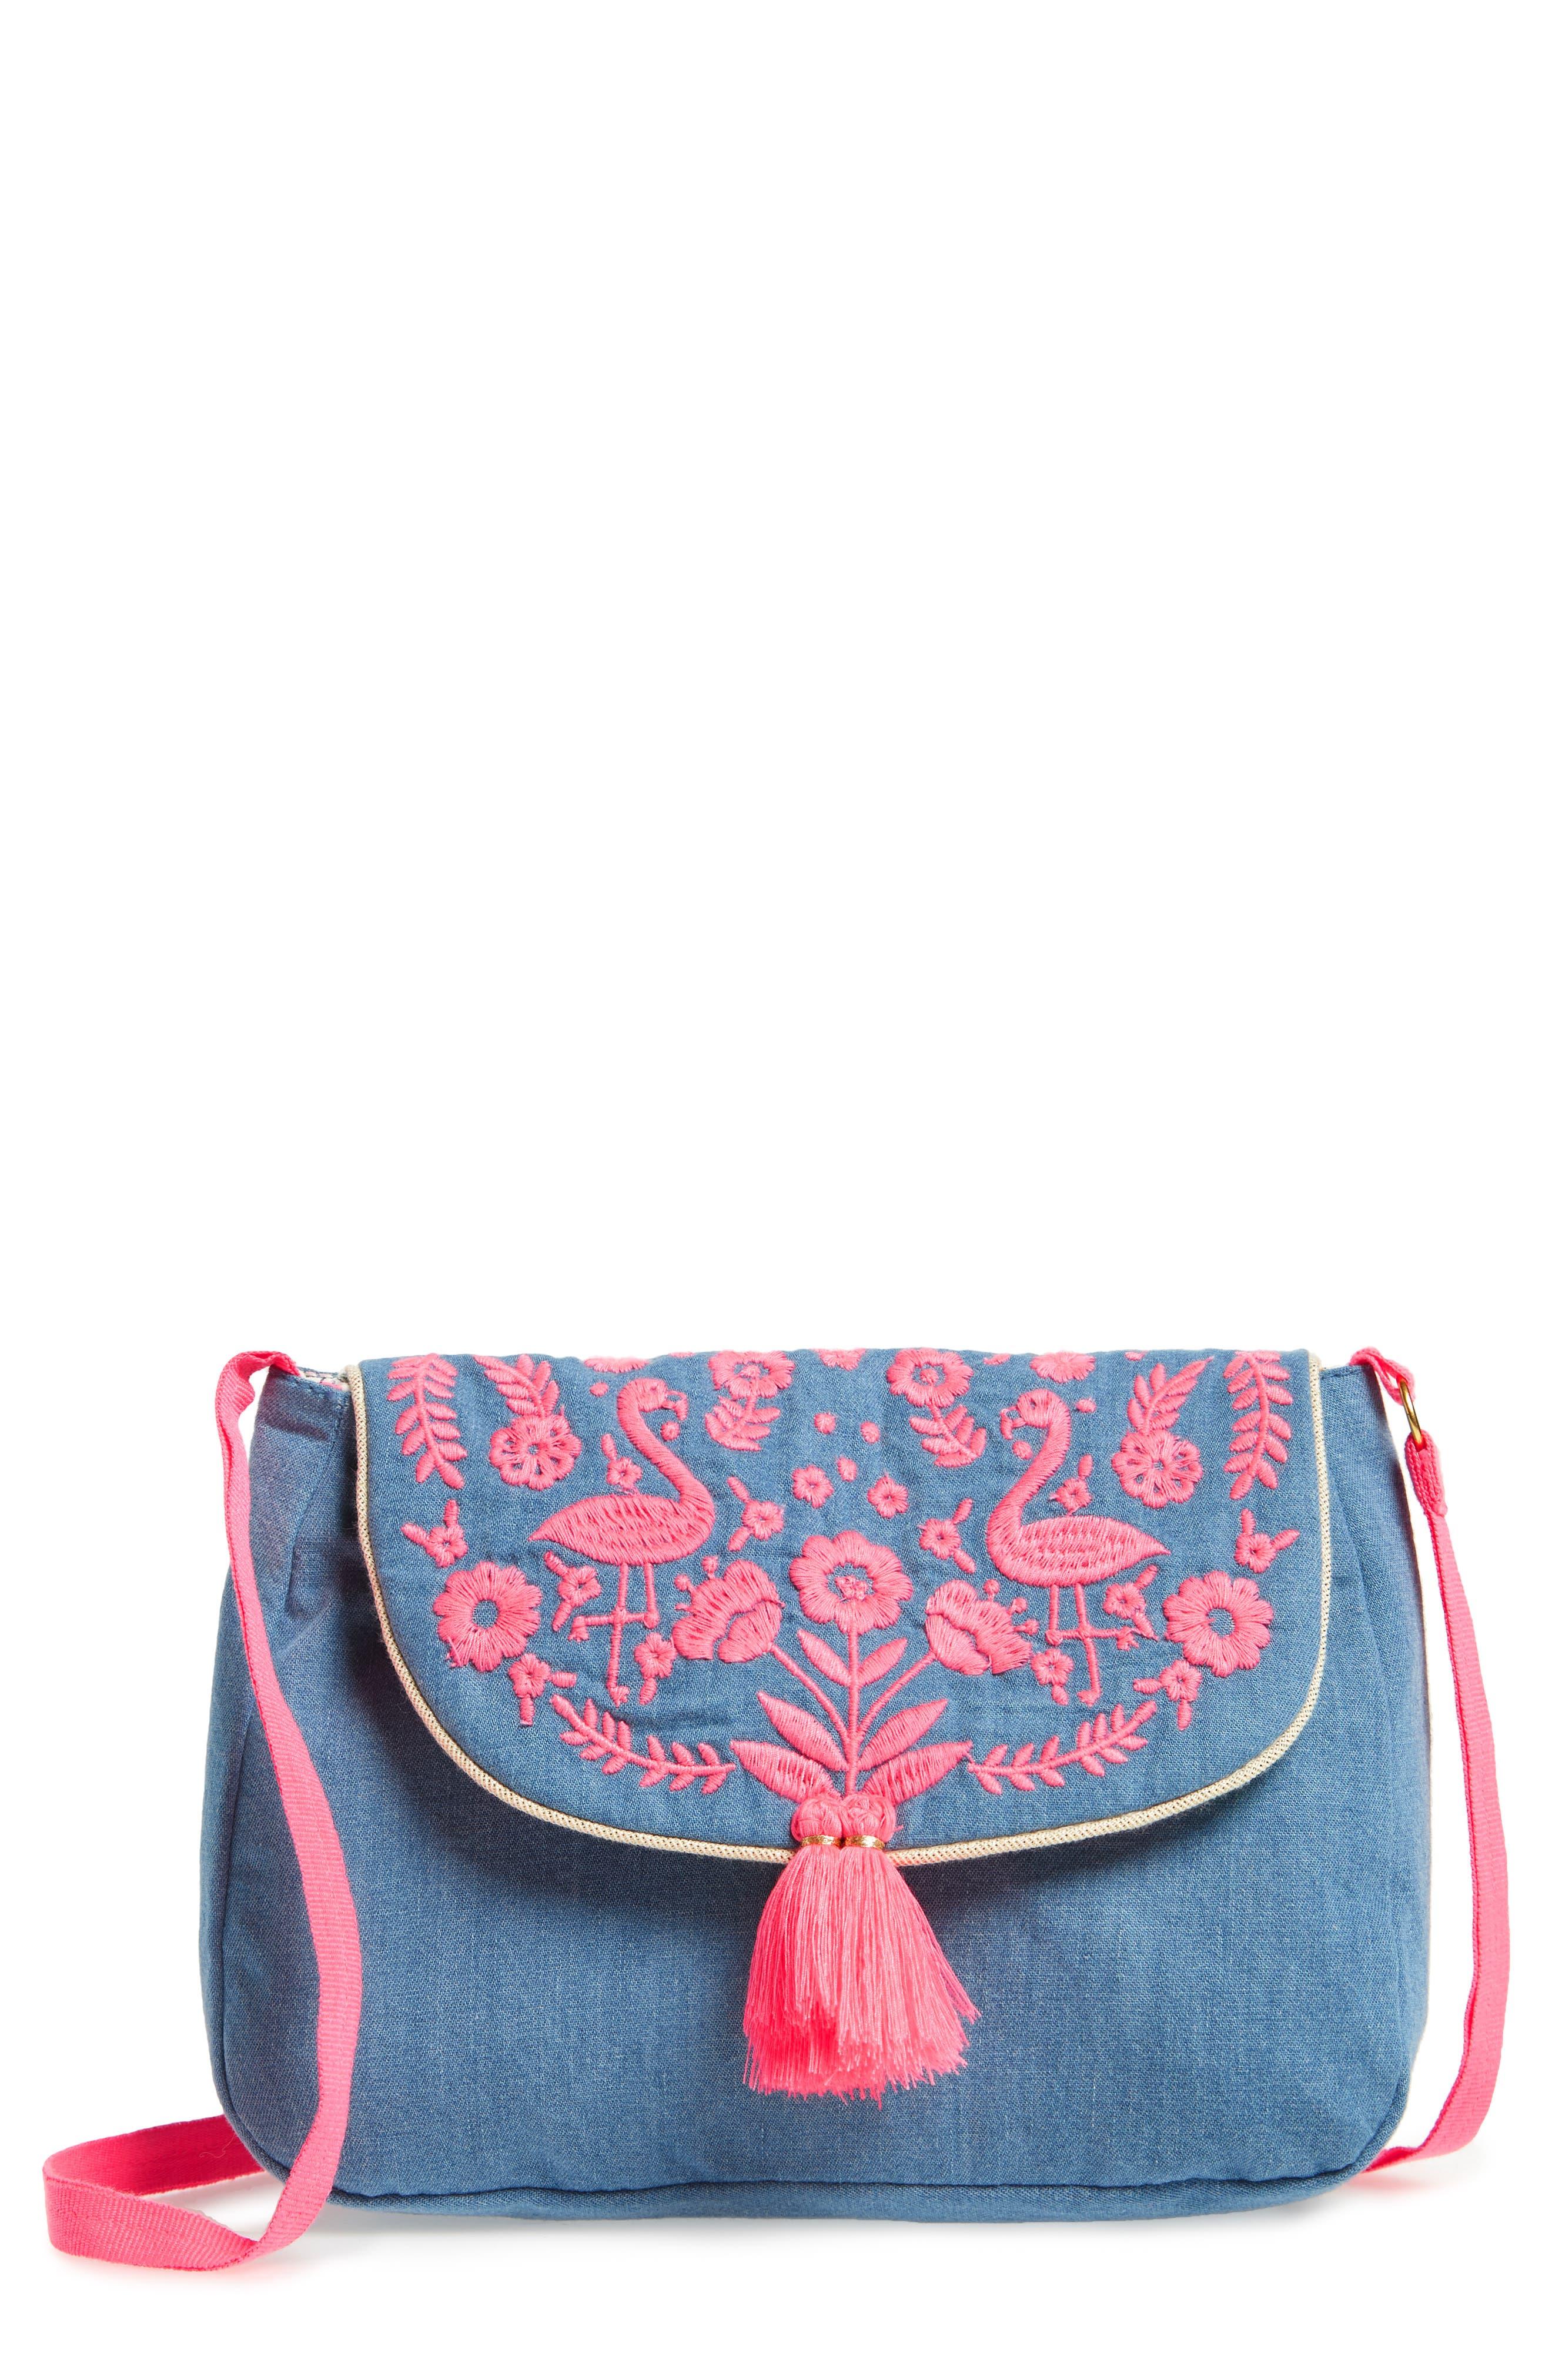 Embroidered Denim Shoulder Bag,                         Main,                         color, Chambray Blue